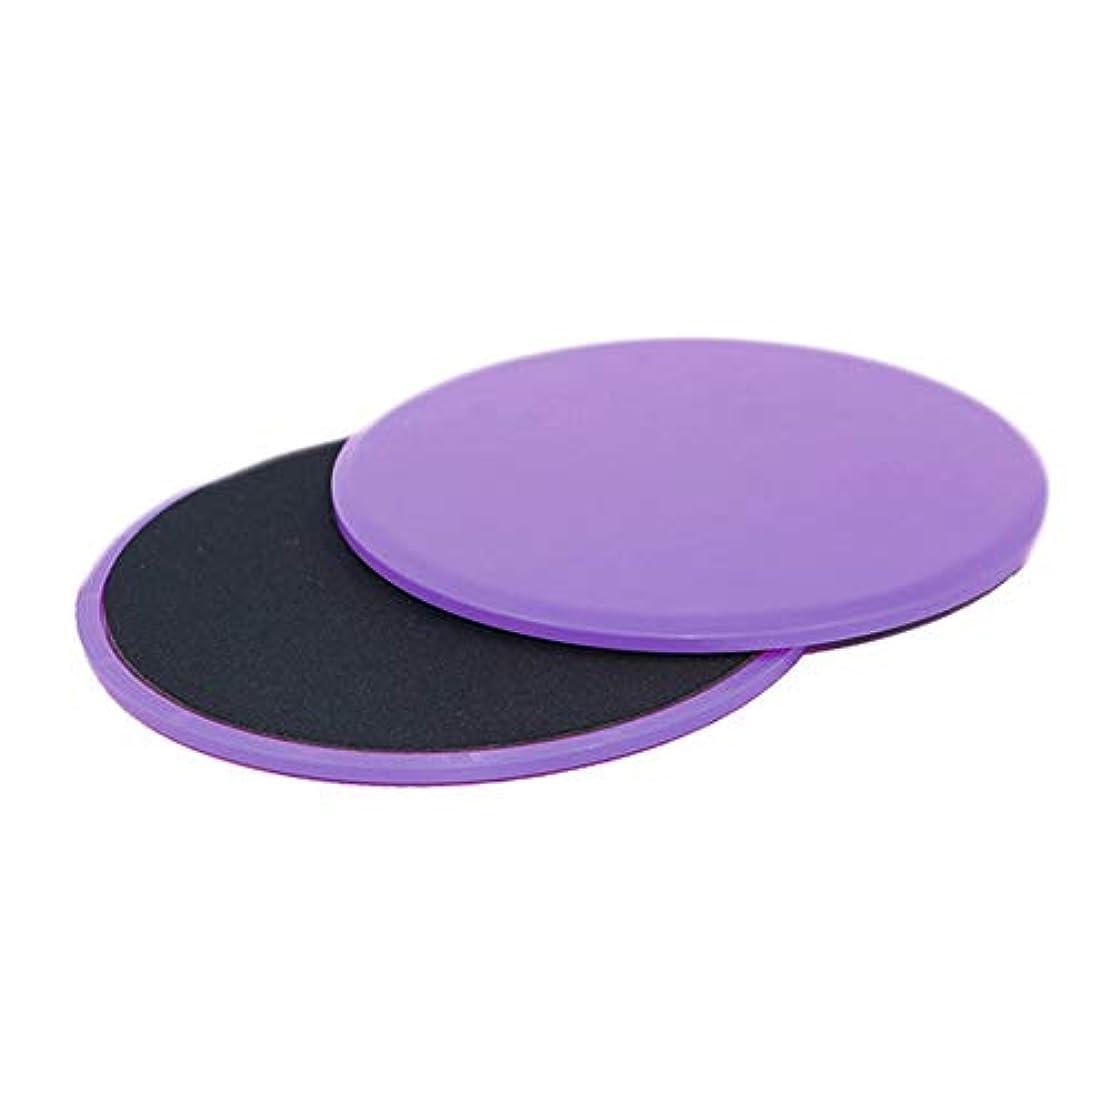 順応性野心的沿ってフィットネススライドグライディングディスク調整能力フィットネスエクササイズスライダーコアトレーニング腹部と全身トレーニング - パープル